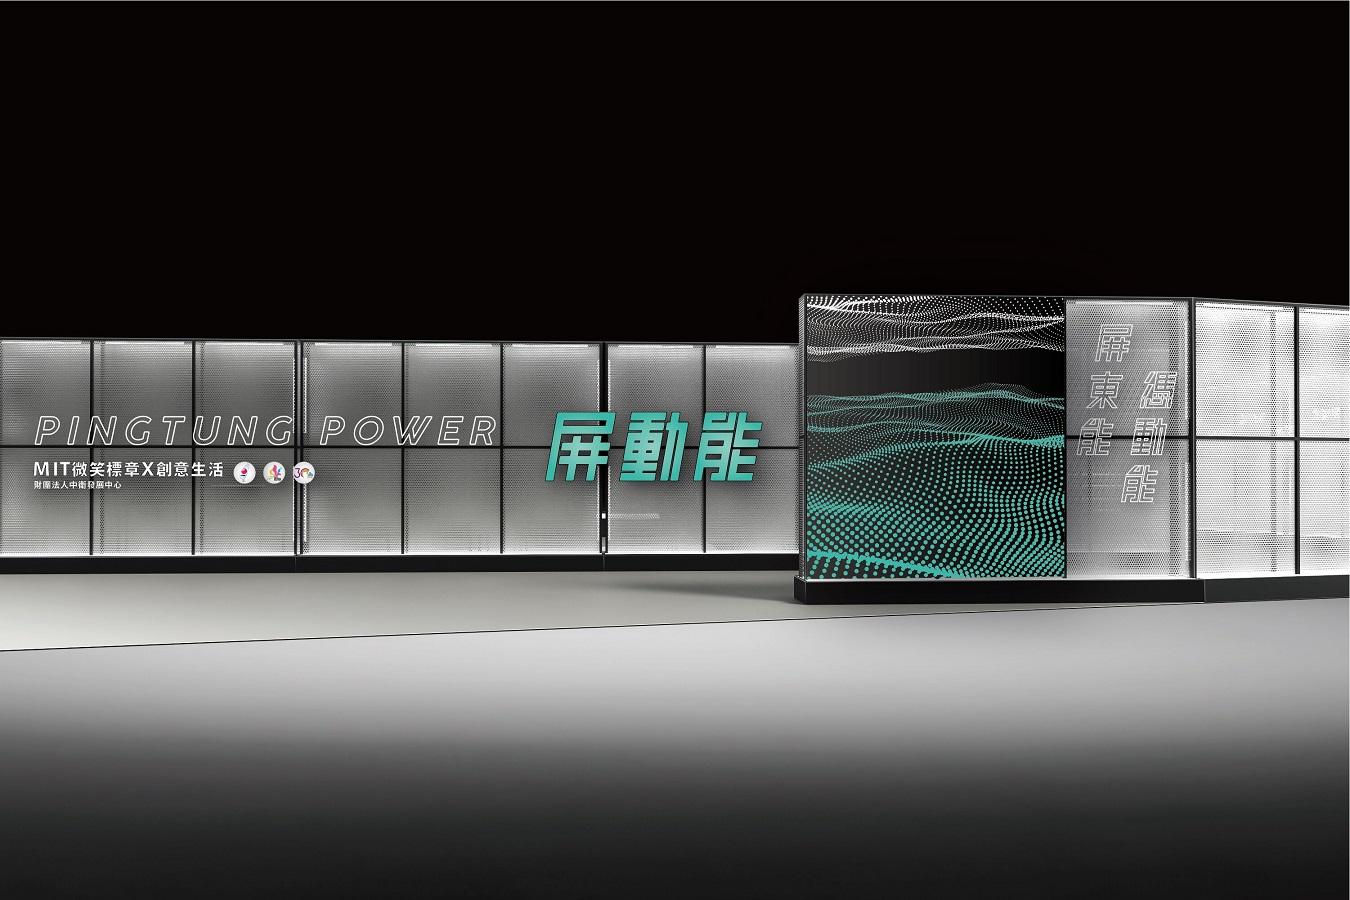 2019台灣設計展 「屏動能」展現屏東源源不絕的能量